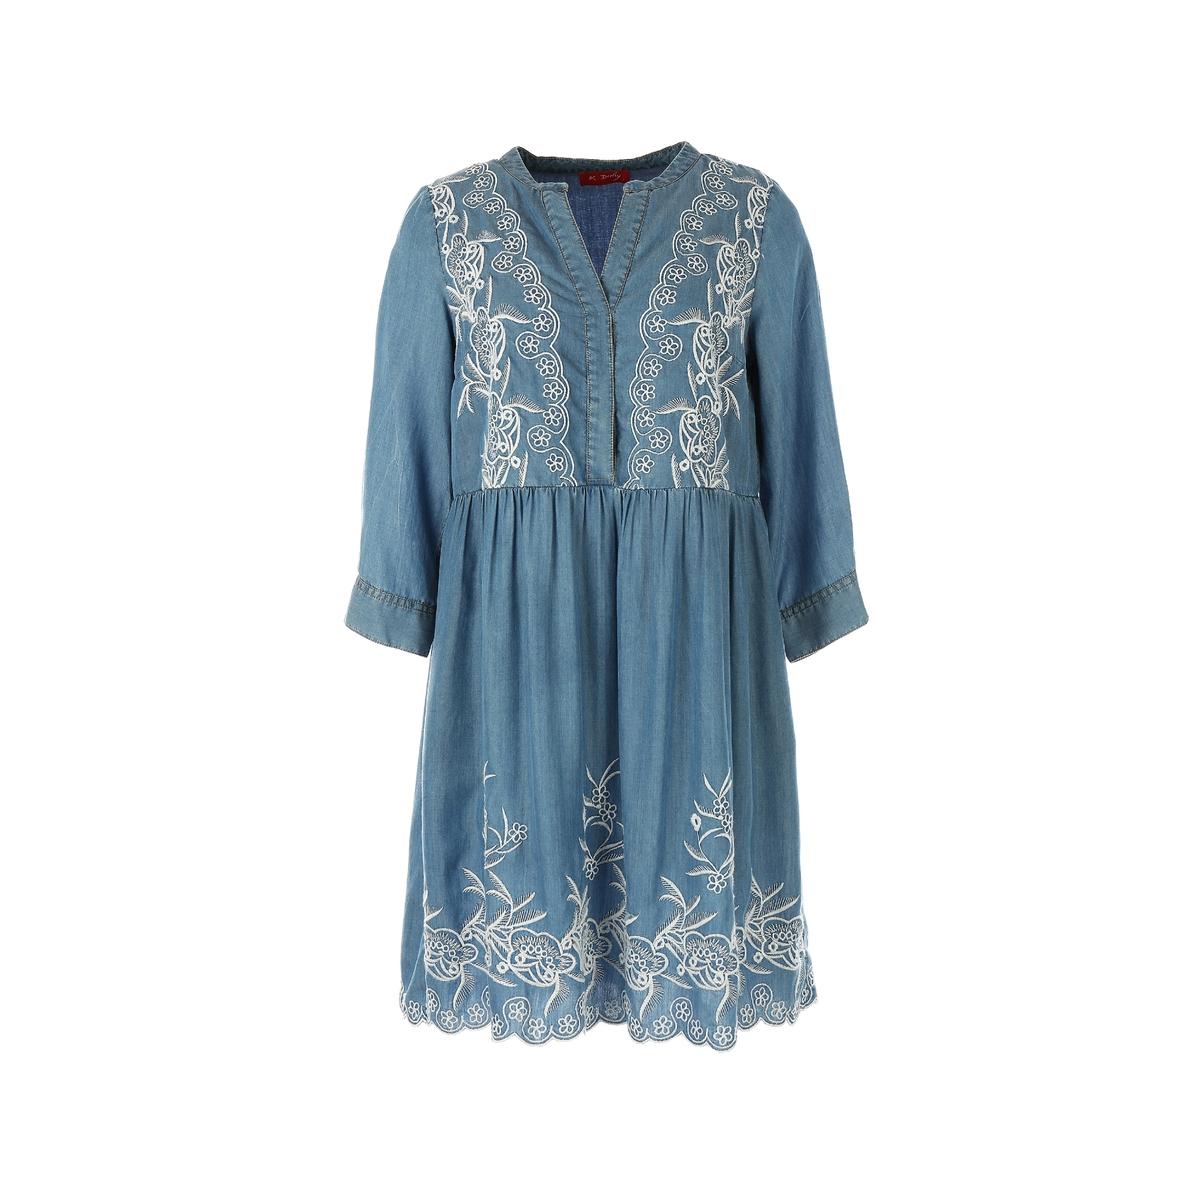 Платье короткое с длинными рукавамиДетали •  Форма : расклешенная •  короткое  •  Длинные рукава     •  Тунисский вырезСостав и уход •  100% лиоцелл  •  Следуйте советам по уходу, указанным на этикетке<br><br>Цвет: синий<br>Размер: S